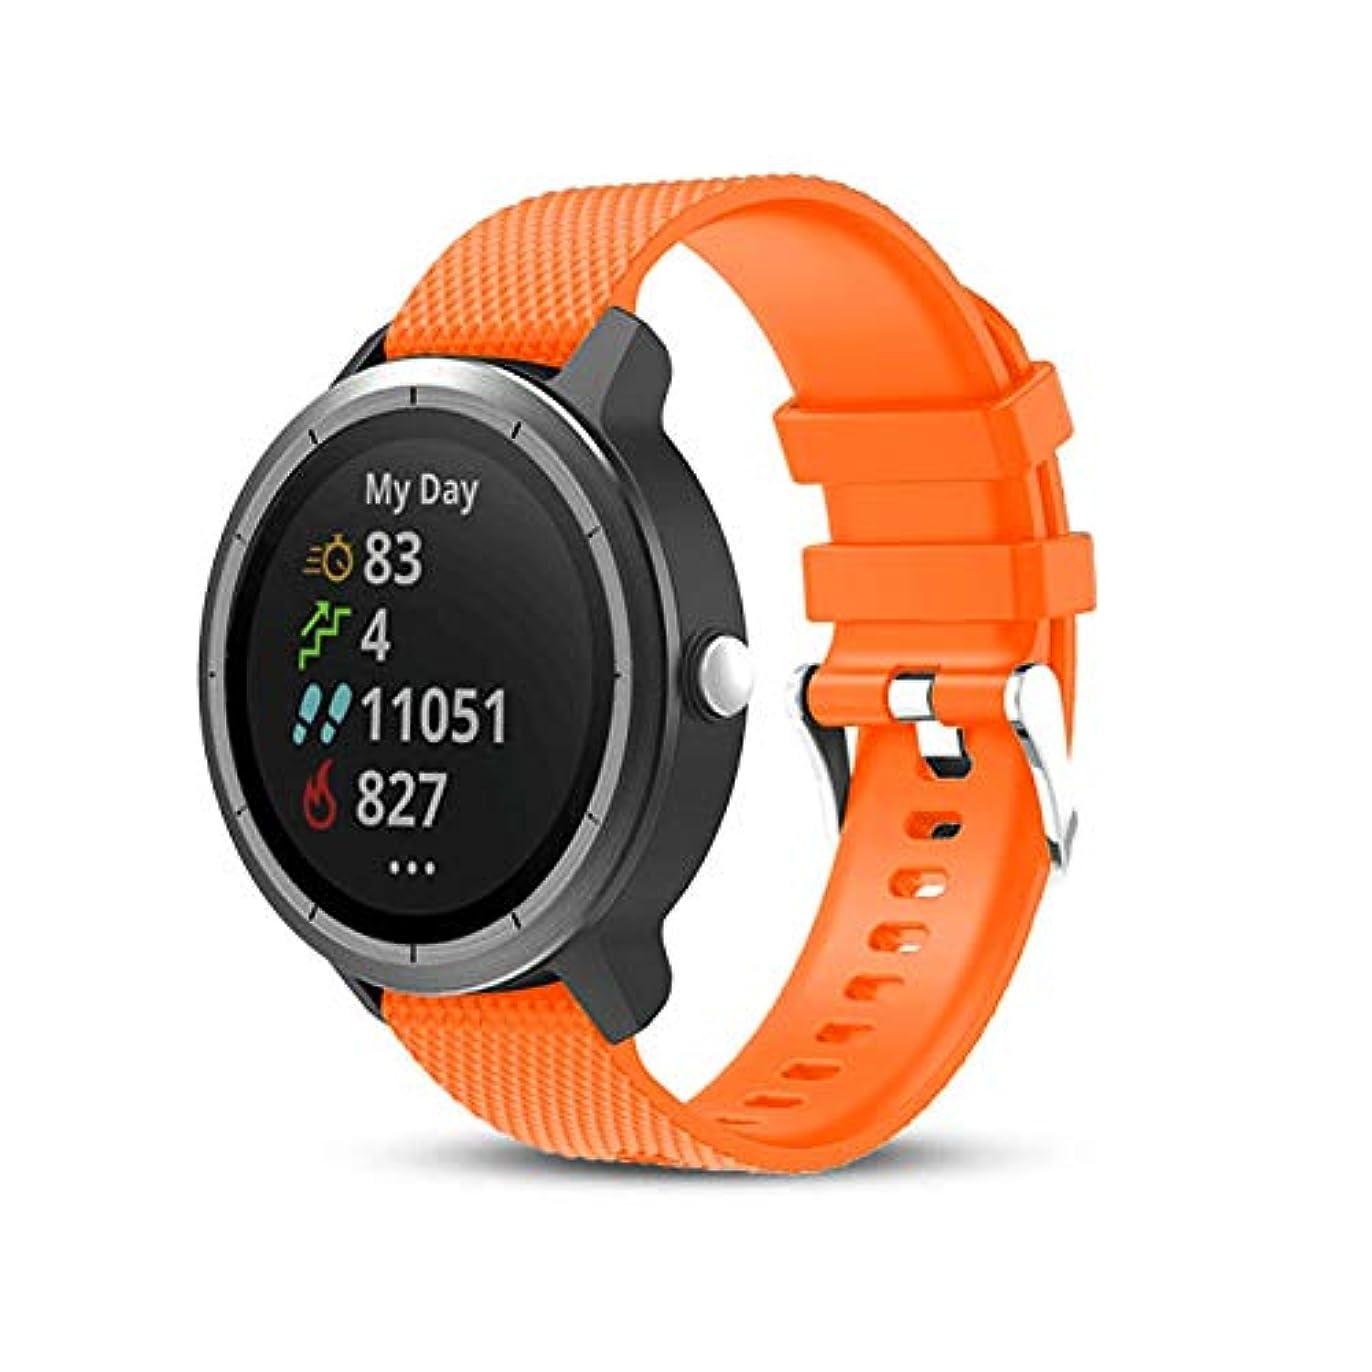 裏切り者思い出させる合体ONTUBE バンド 対応 Garmin vivoactive 3 20mm,シンプルで軽量なソフトシリコン交換用バンドfor Garmin Vivoactive 3/Samsung Gear Sport/Ticwatch 2 Smart Watch 20mm (オレンジ色)